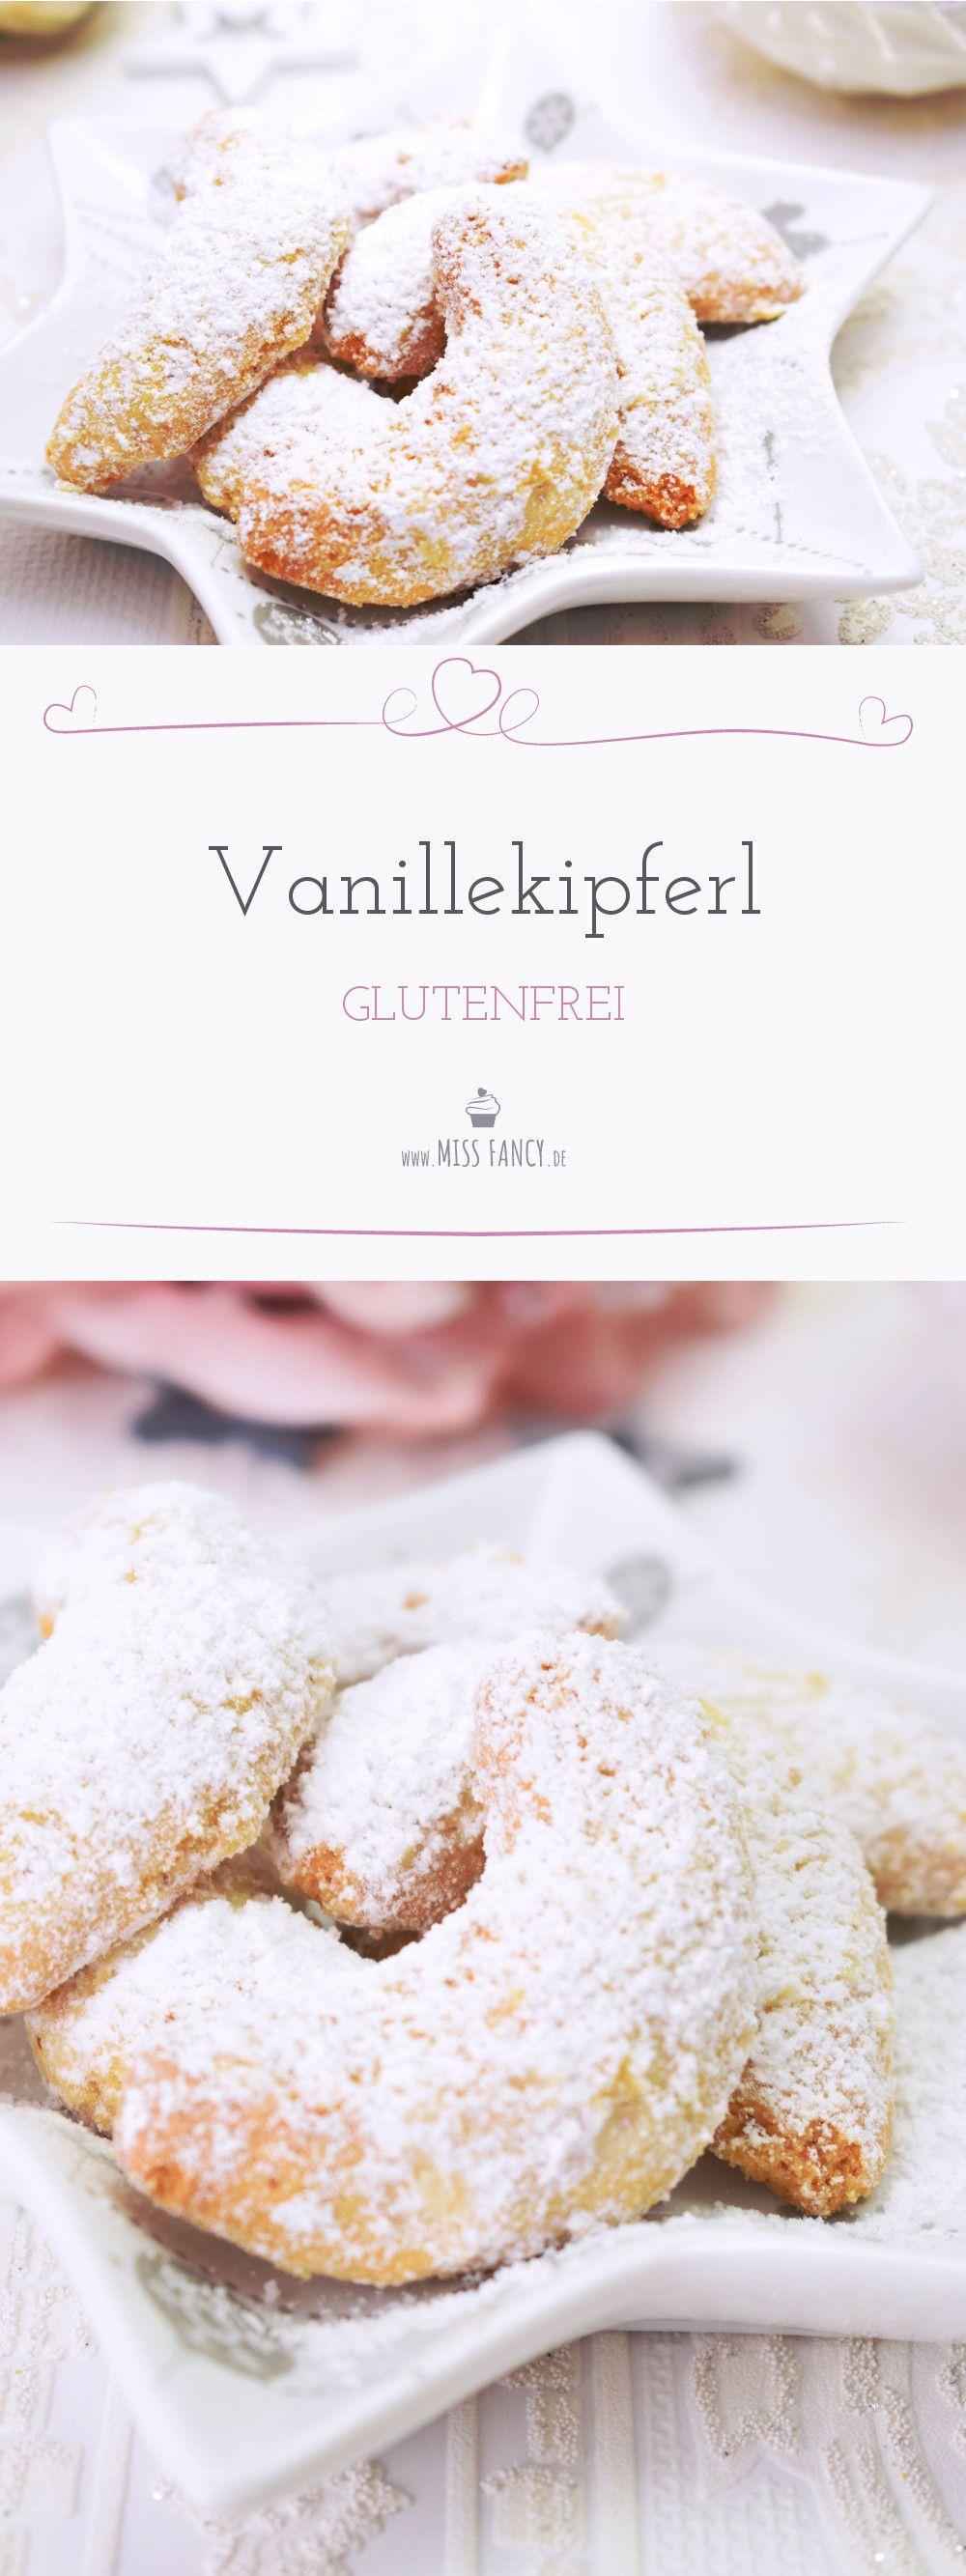 Gute glutenfreie rezepte